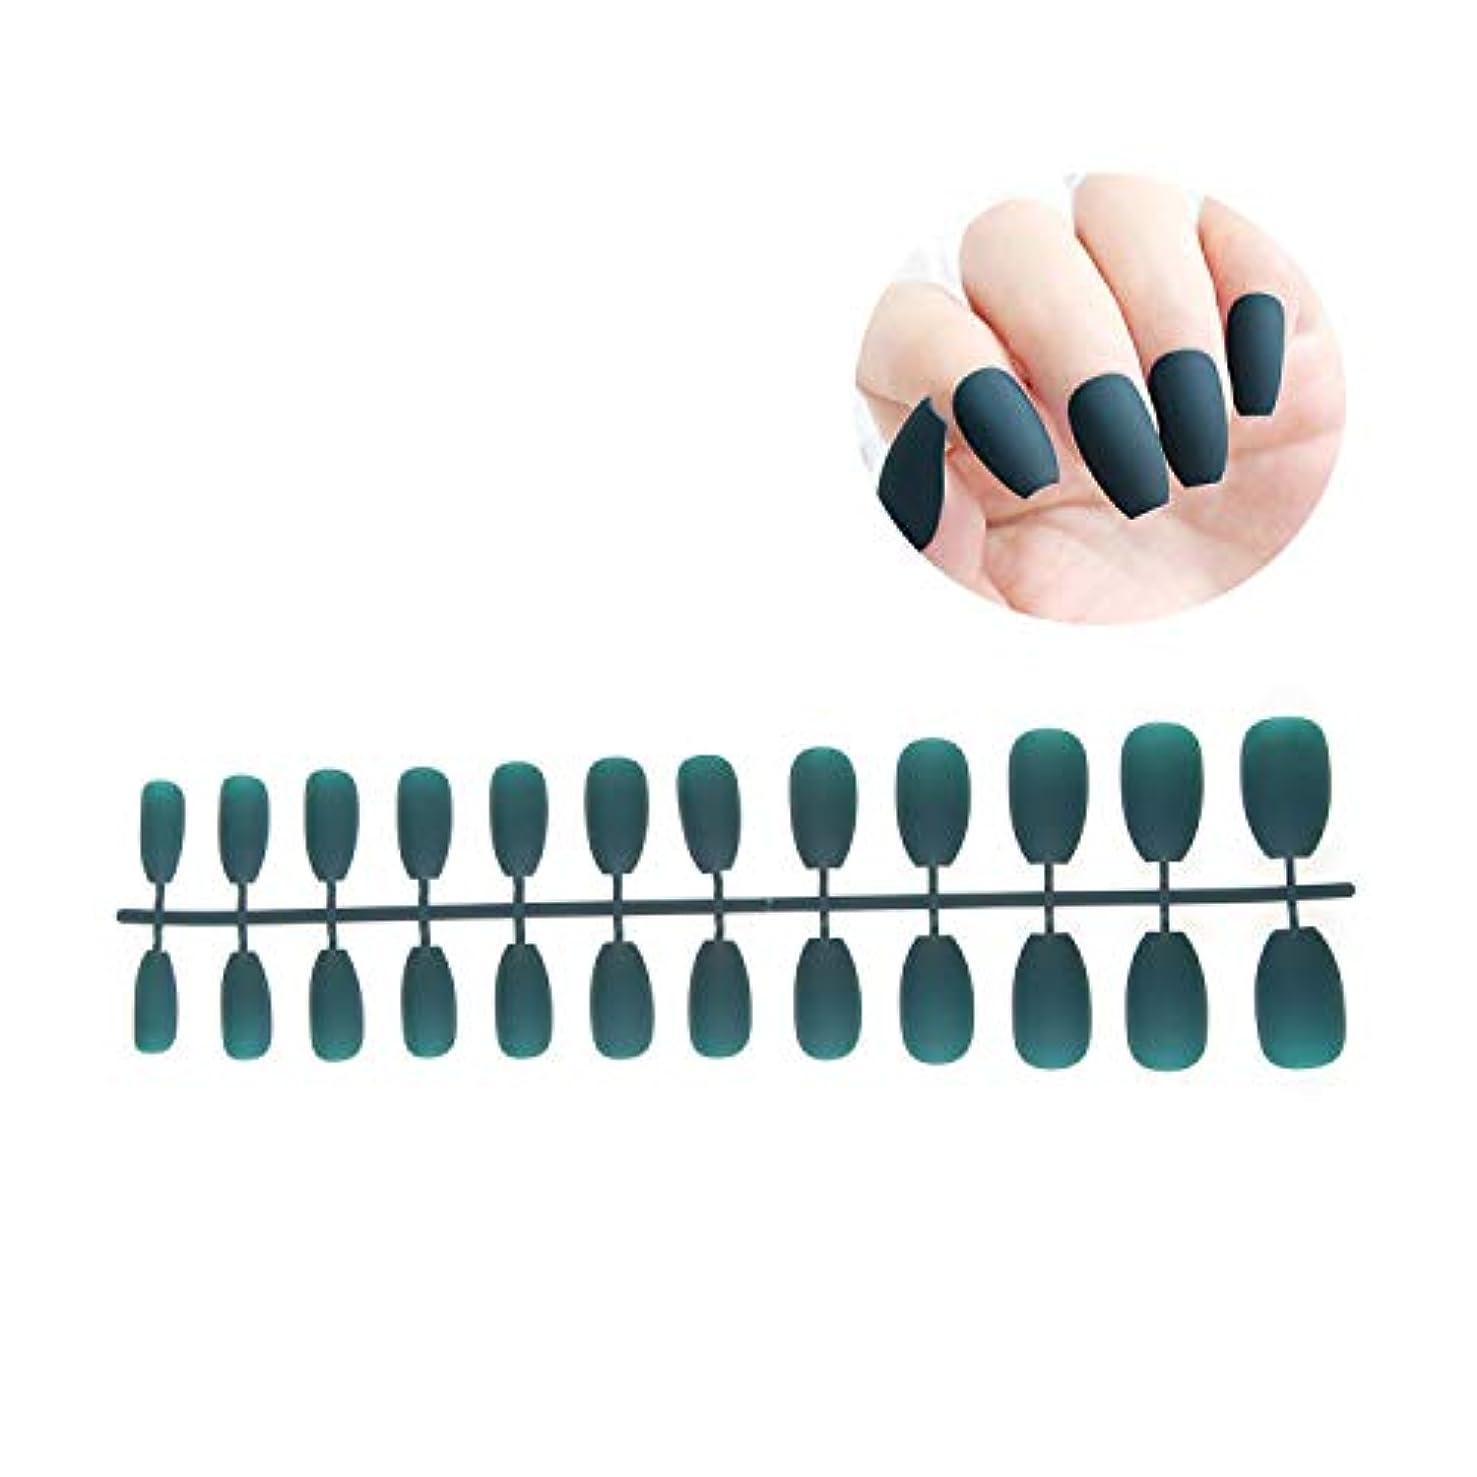 魅惑的な干渉する機密24ピースショート偽爪フルカバースティレット人工ヒントファッションネイルアートデコレーション女性ネイルメイク,SM13-621